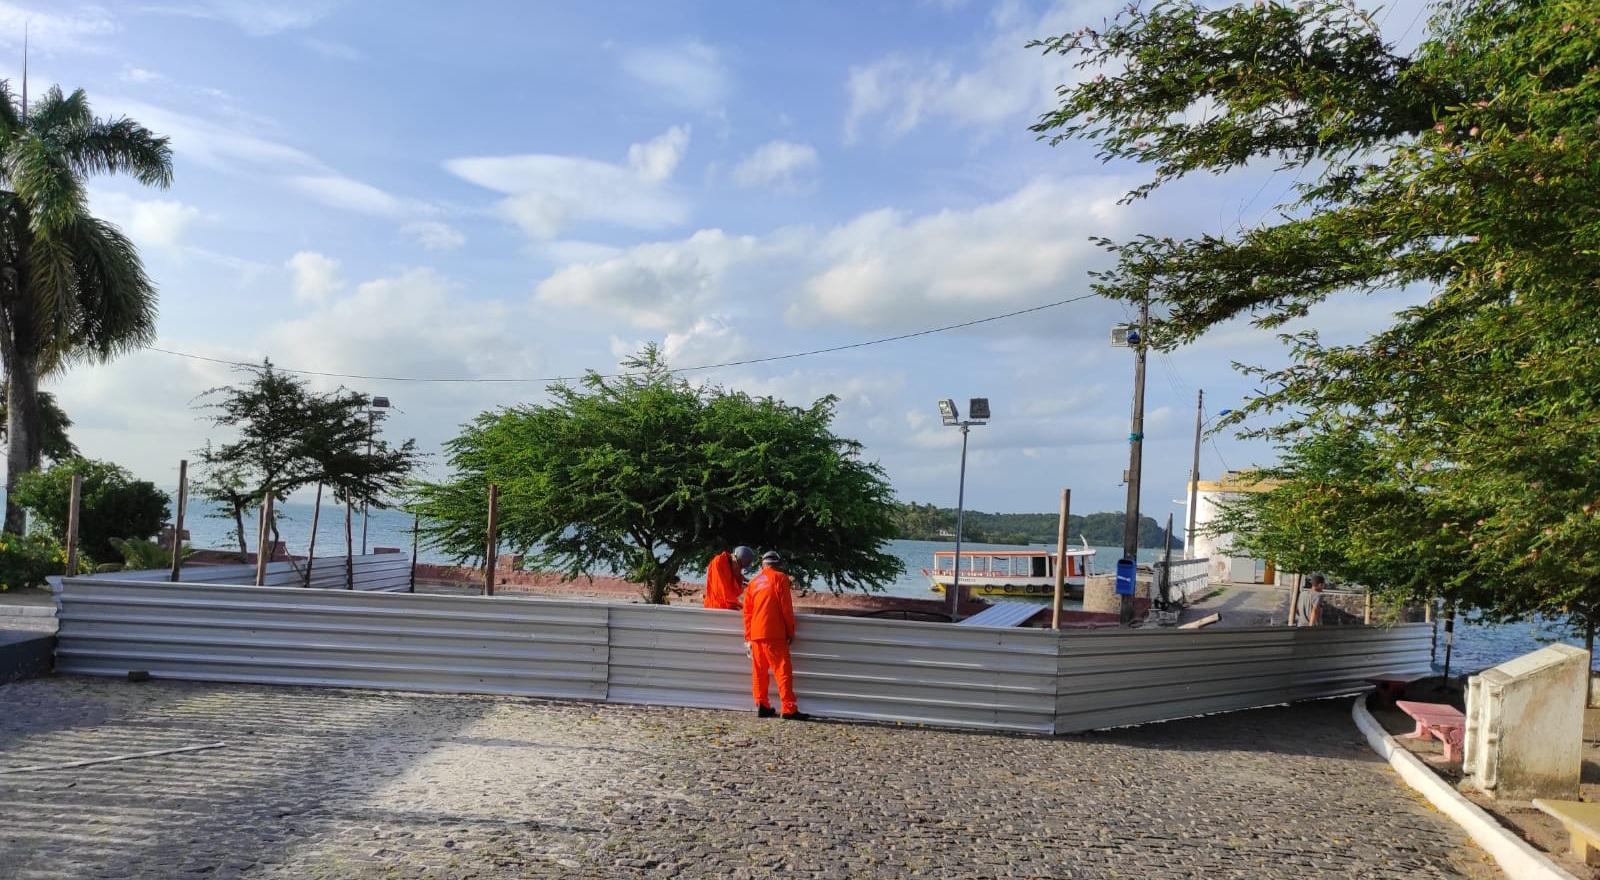 Prodetur inicia reconstrução de terminal turístico em Bom Jesus dos Passos